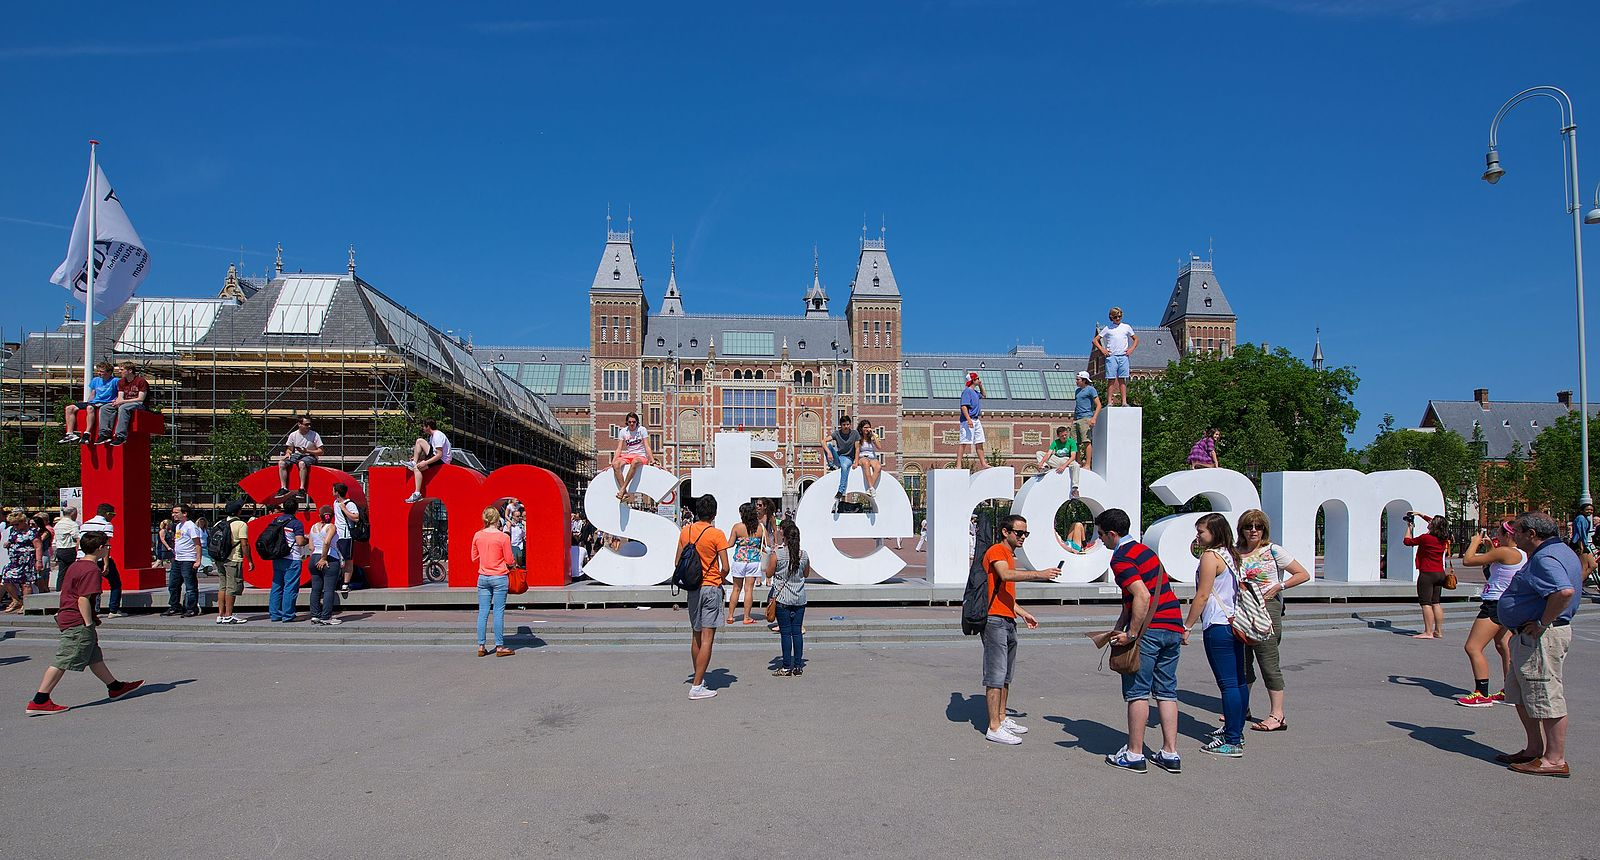 国立美術館の前にあるMuseumplein(ミュージアムスクエア)と呼ばれる広場の中心に置かれている「I amsterdam」の立体ロゴ。ここでみんな記念撮影をします。